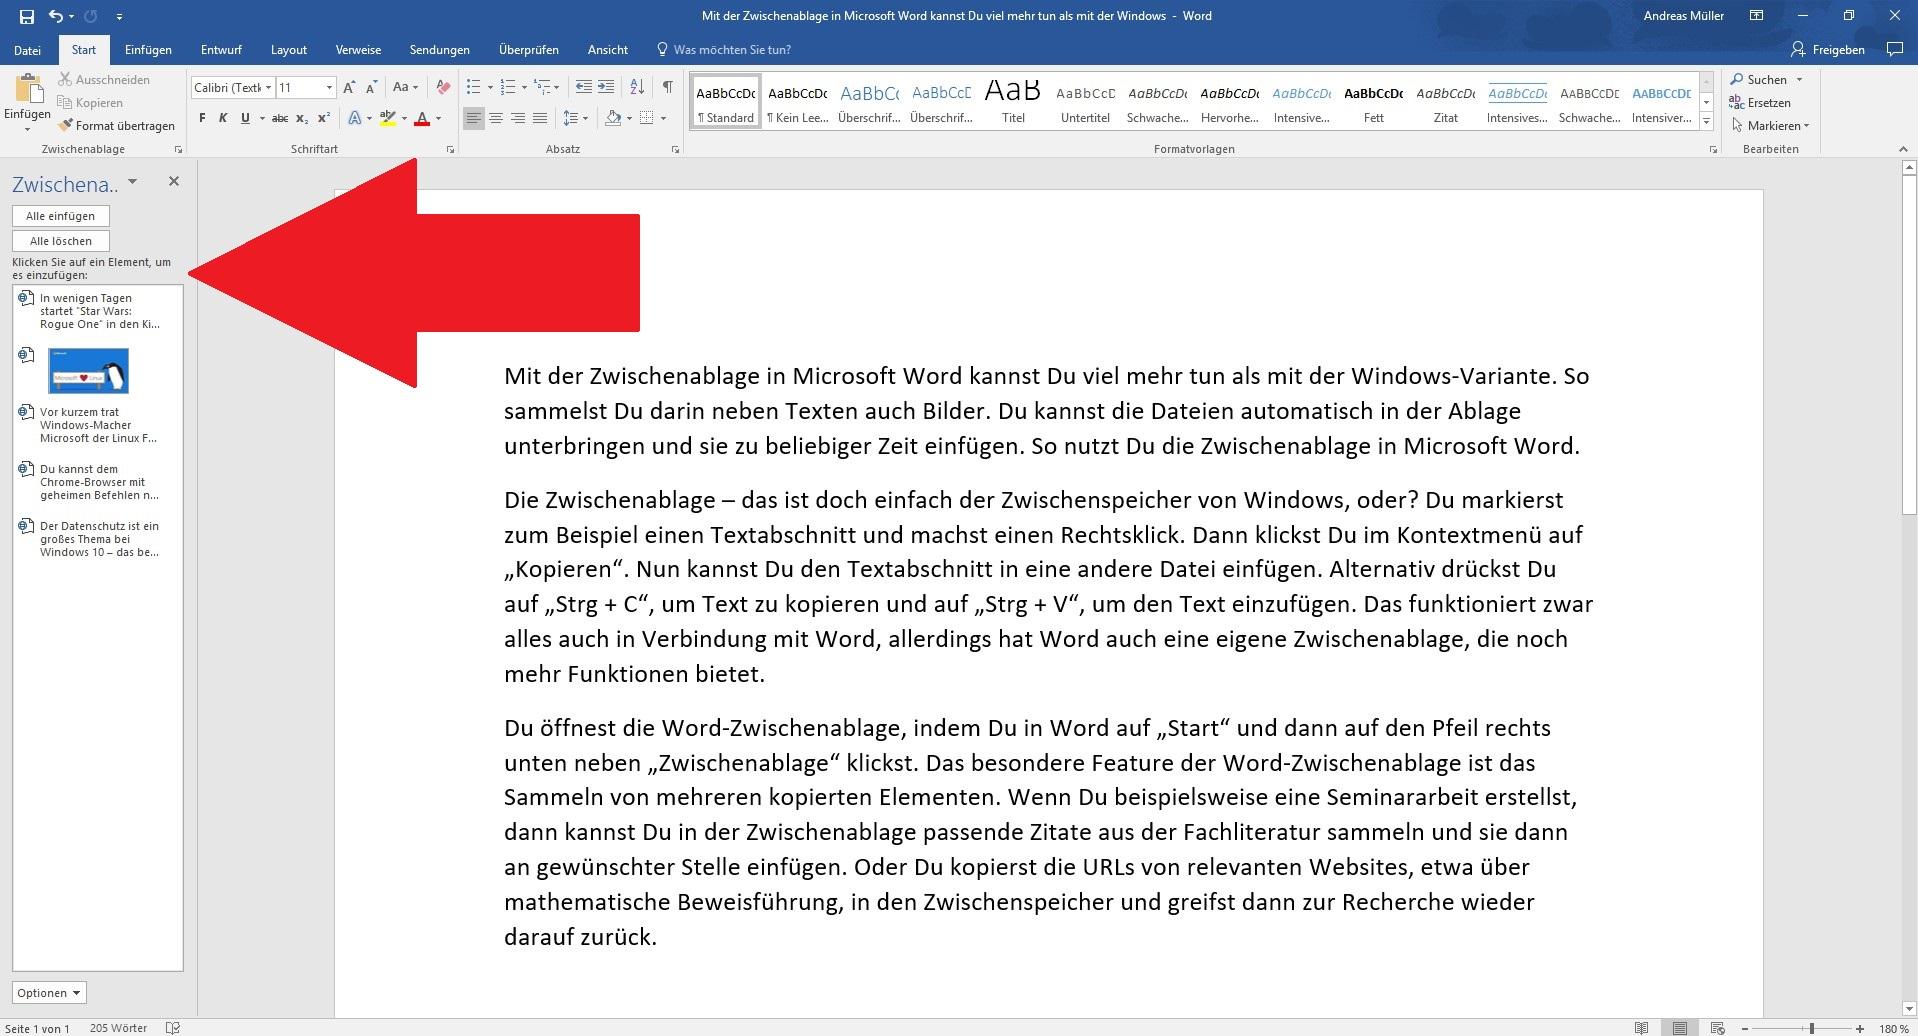 So nutzt Du die Zwischenablage in Microsoft Word